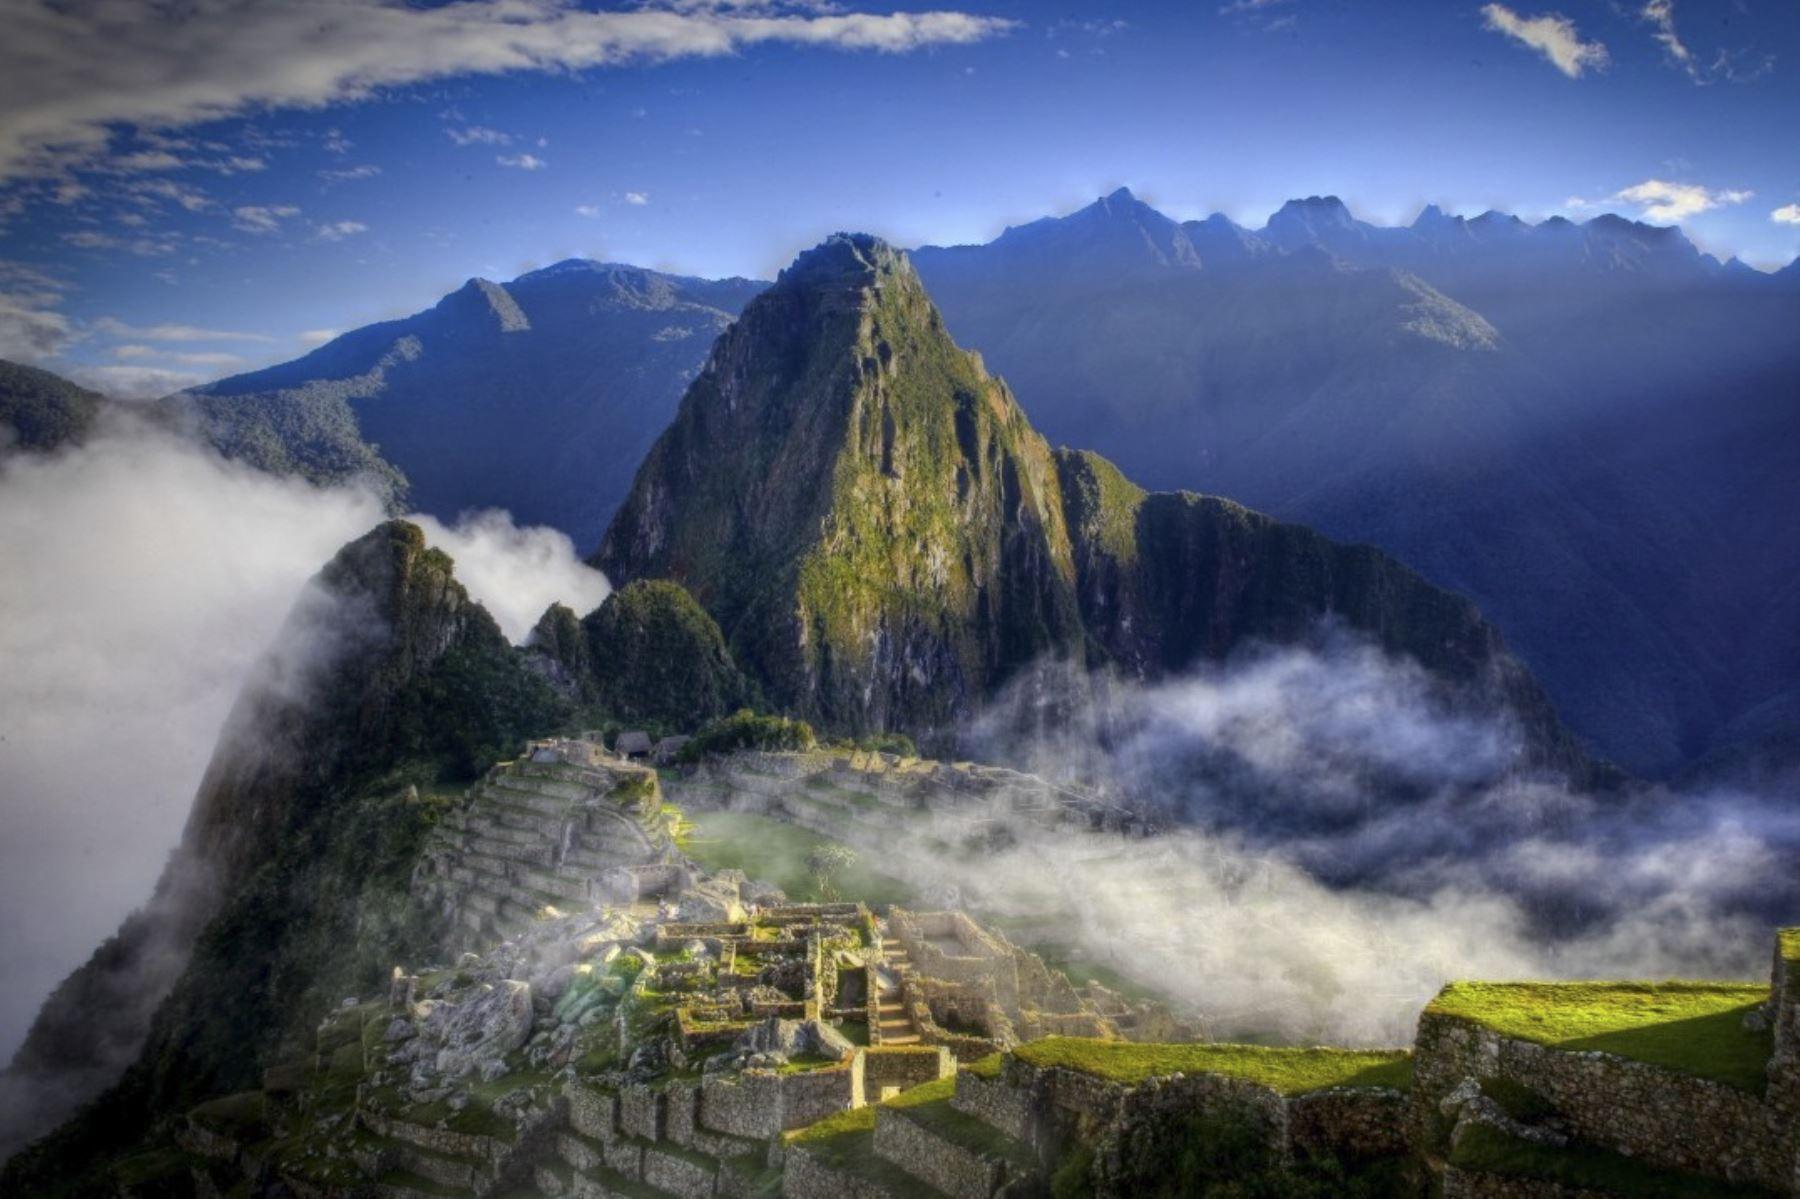 ¡Buenas noticias! Machu Picchu recibirá hasta 3,500 turistas diarios